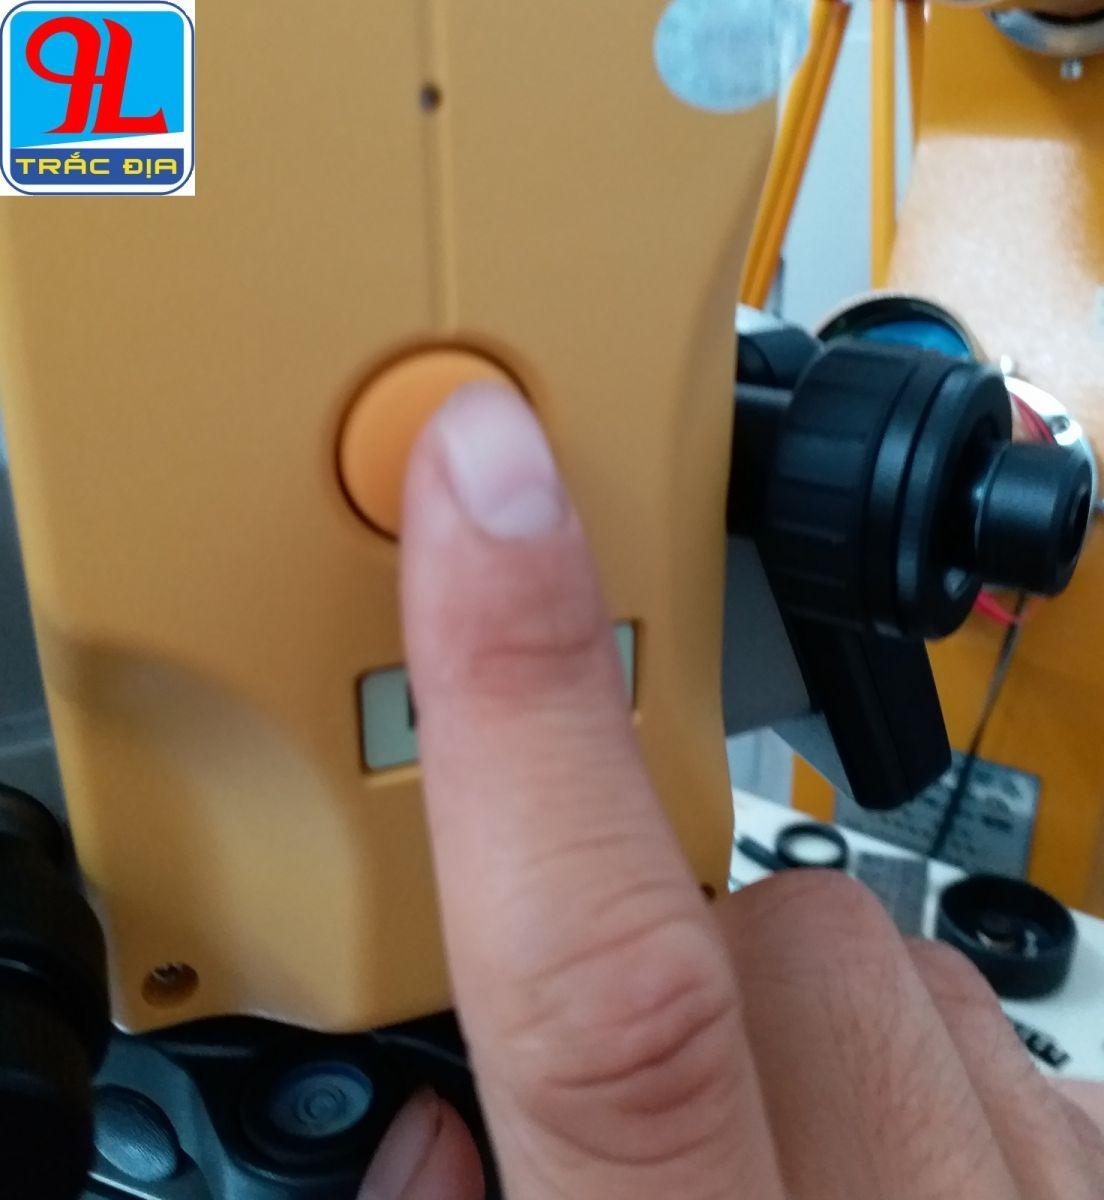 máy toàn đạc topcon es 105-phím đo bên sườn máy